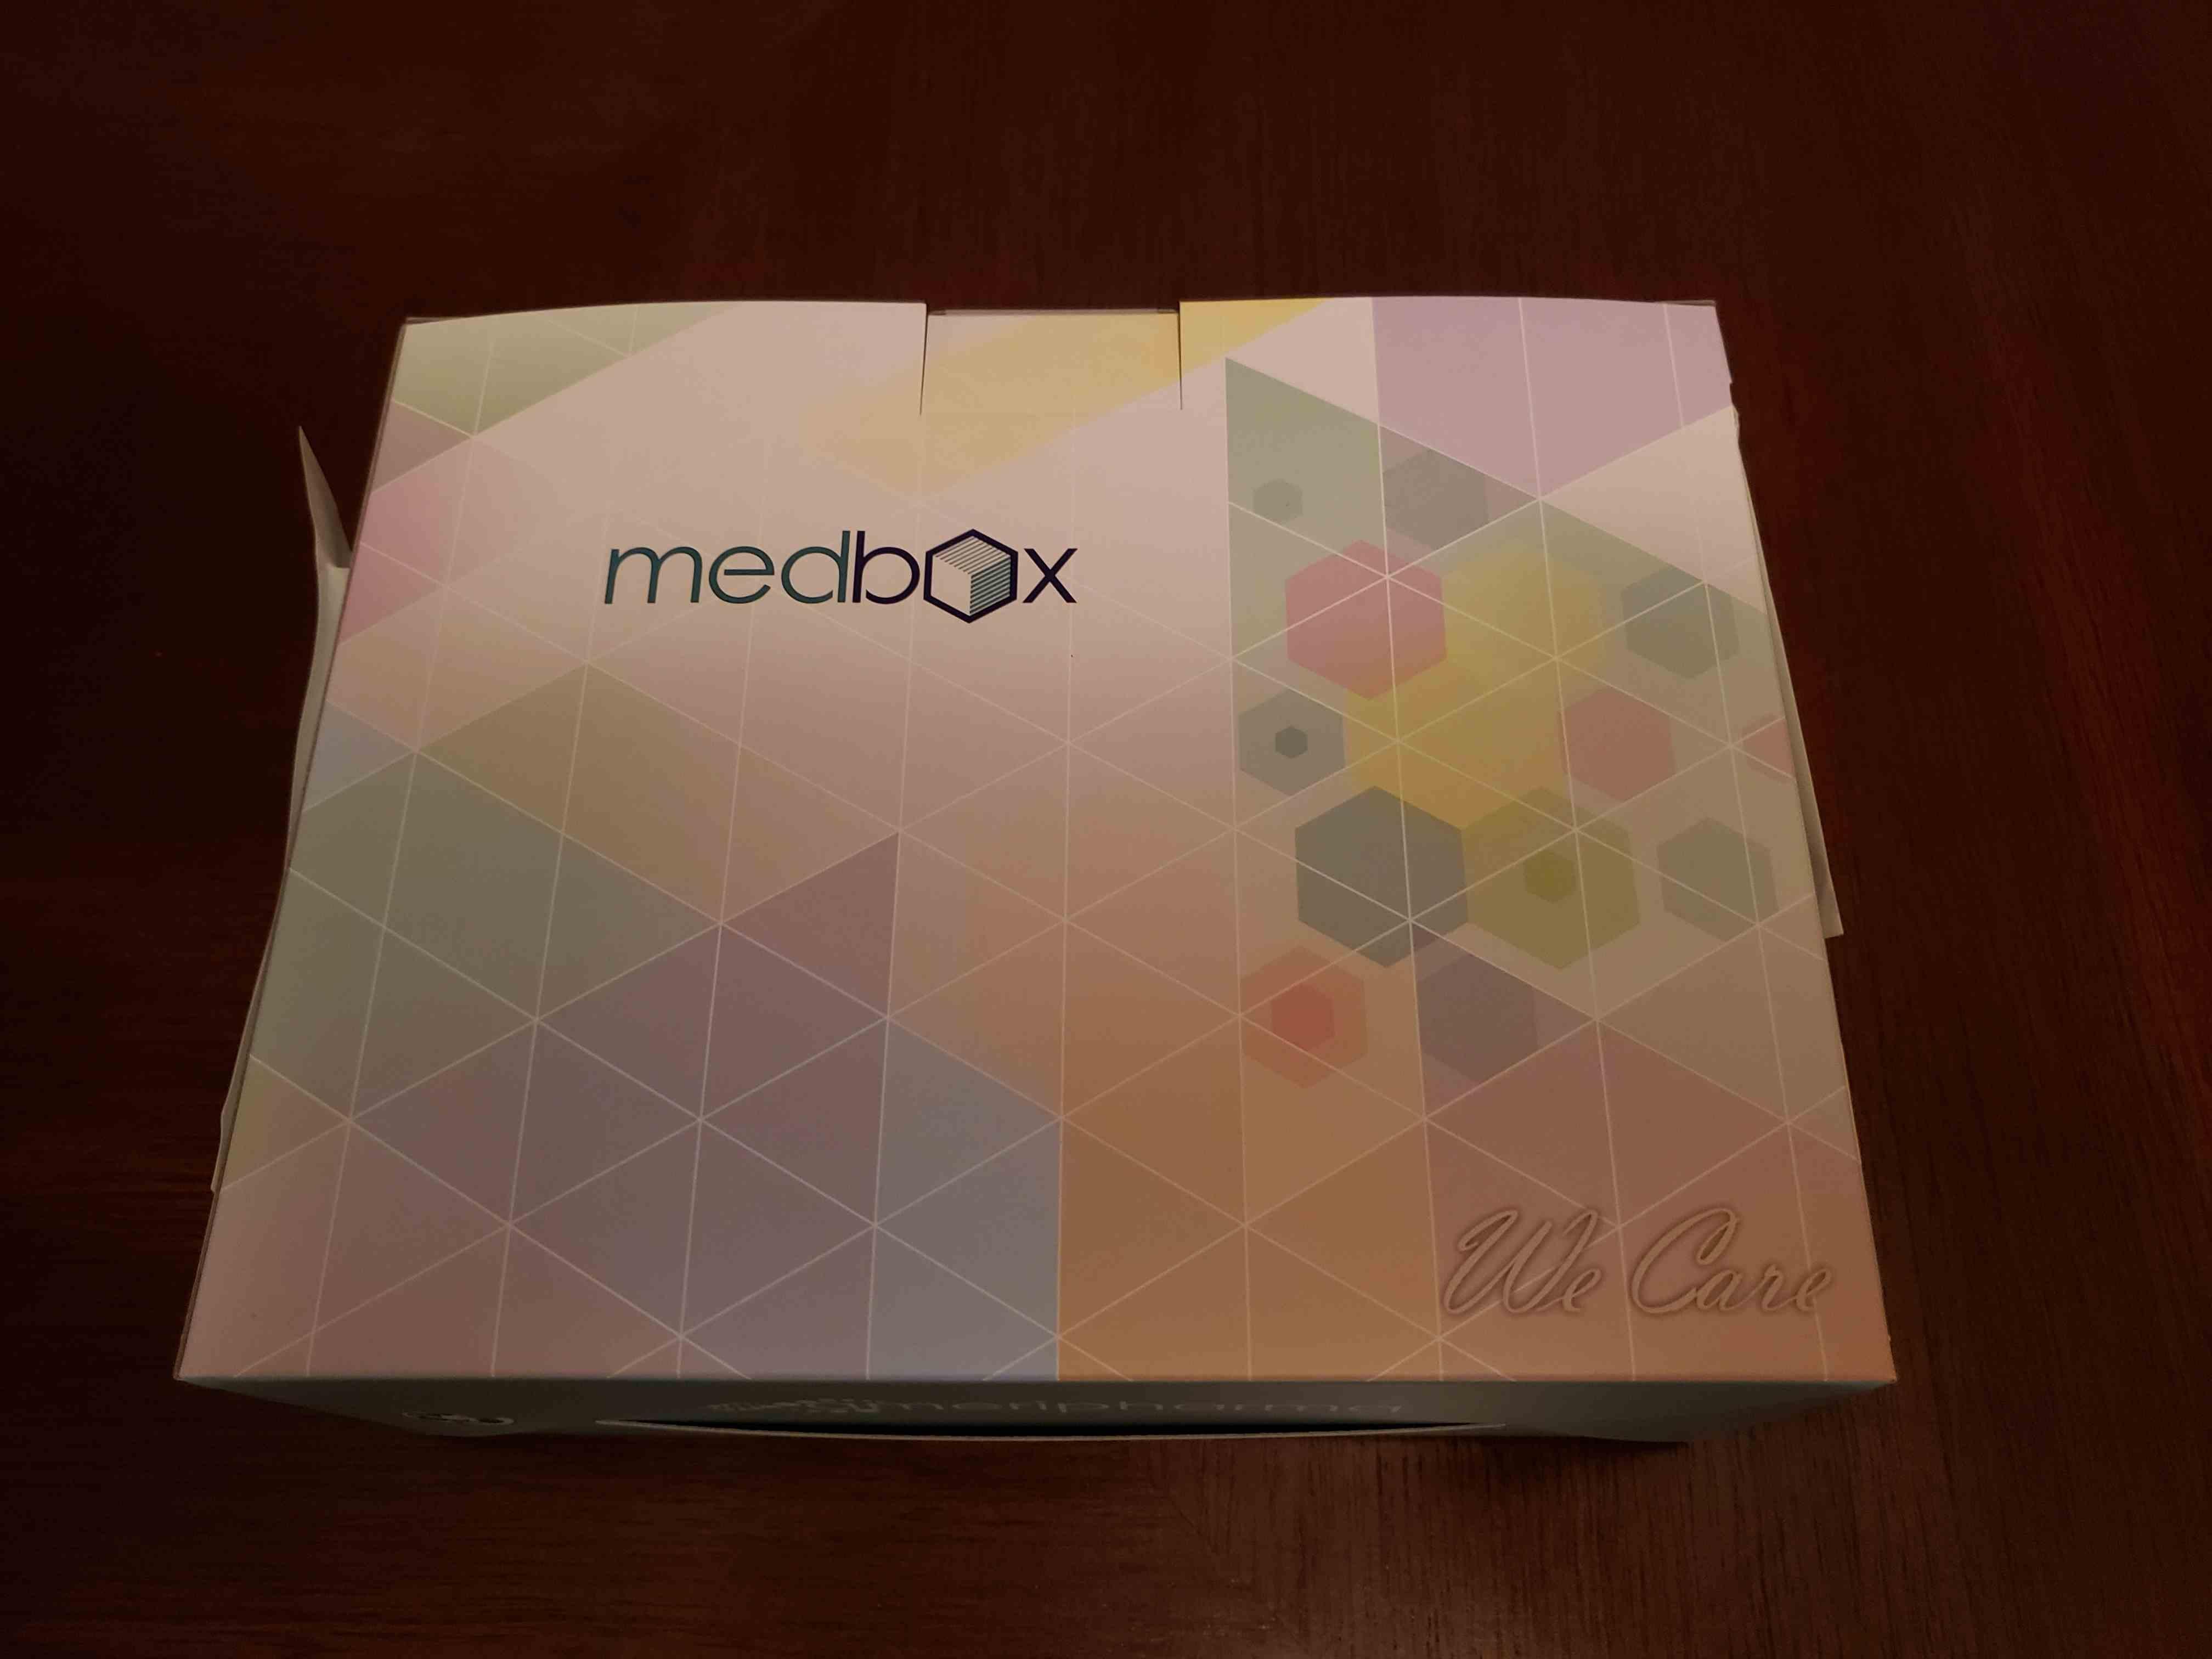 Medbox front